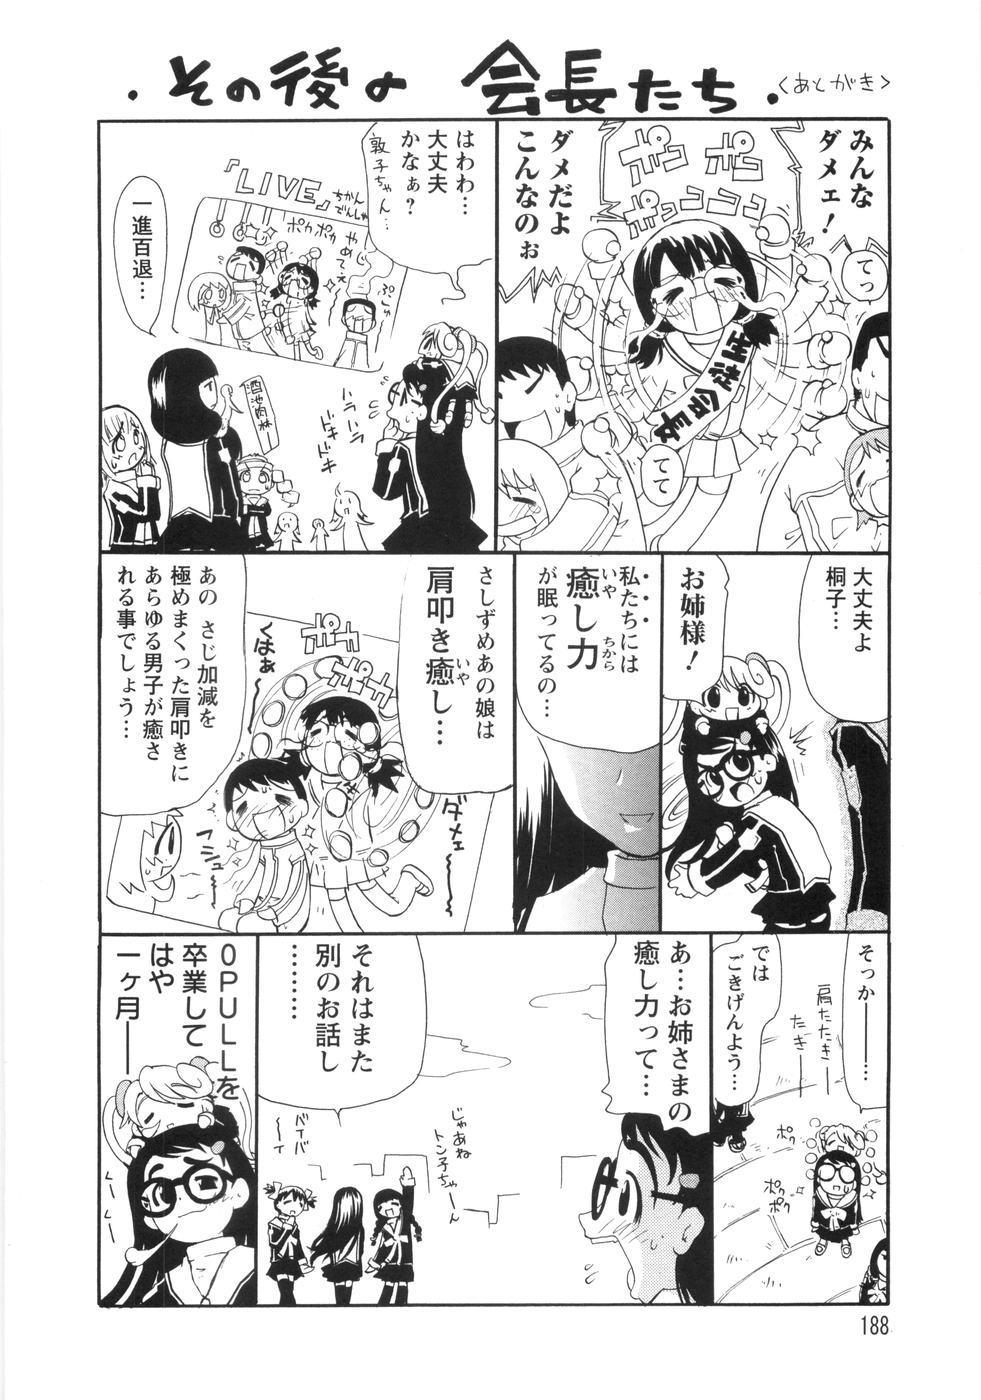 0 PULL TOWN Gakuen e Youkoso! 192